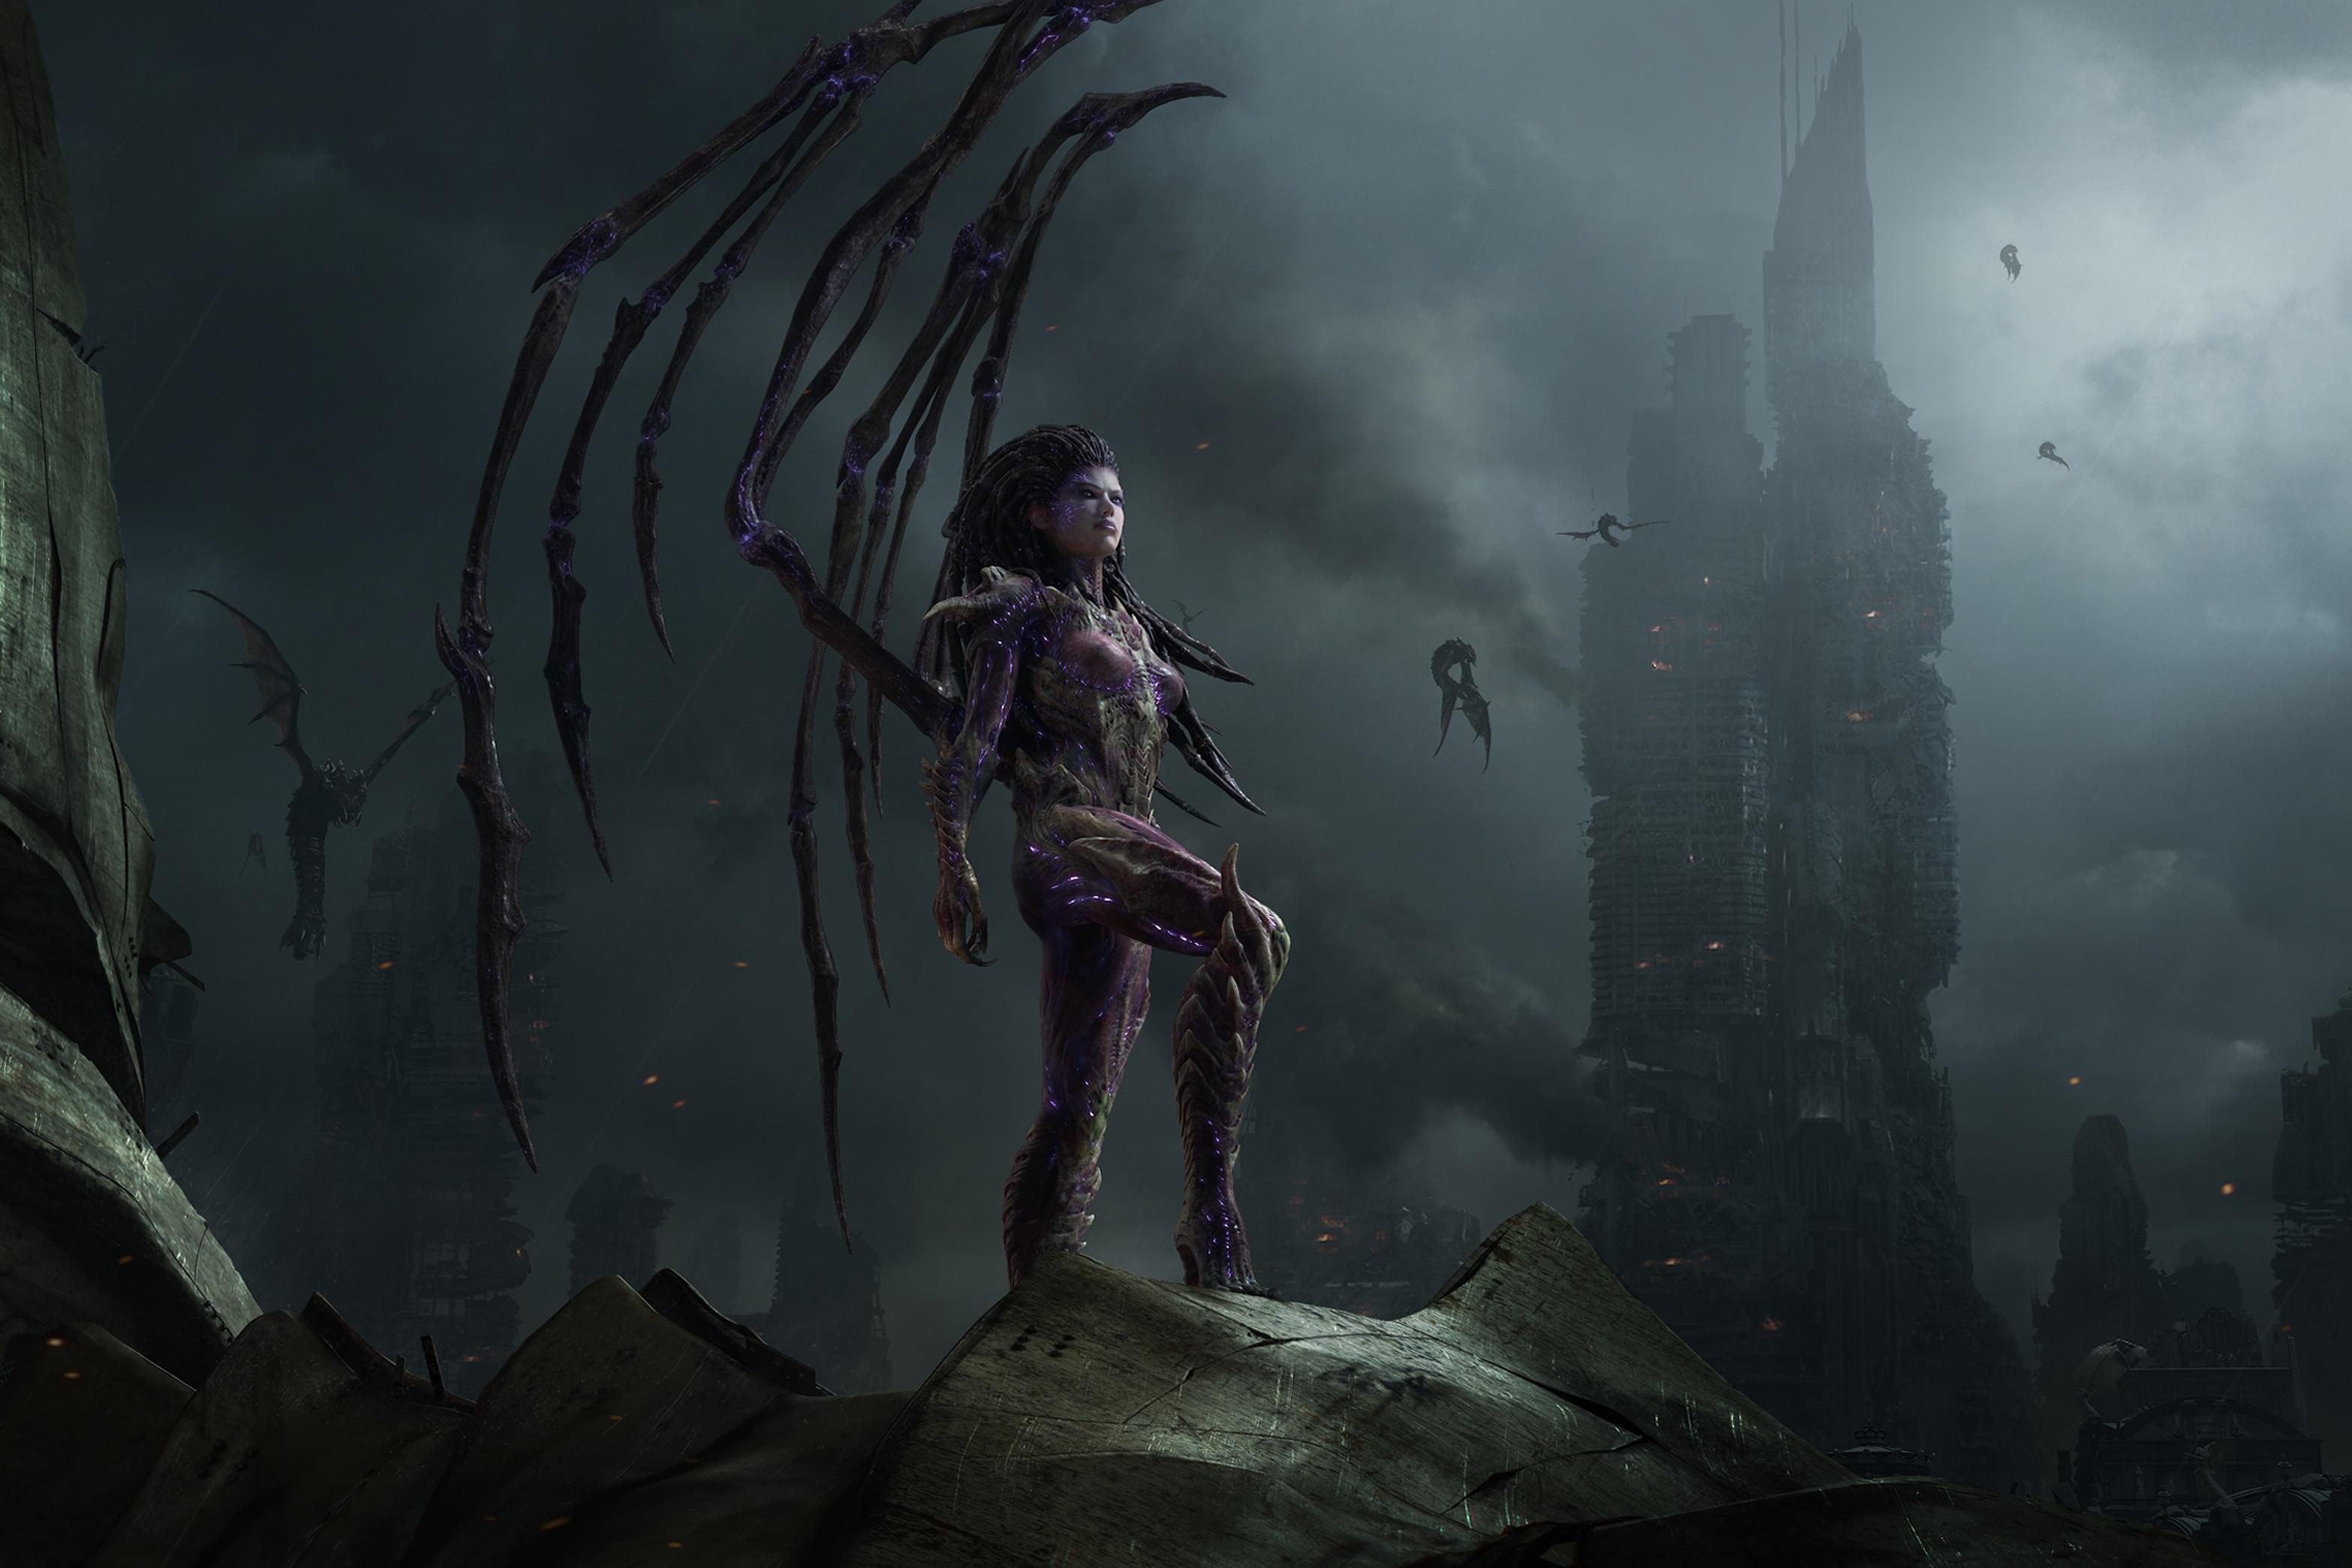 video games swarm Sarah Kerrigan Queen Of Blades StarCraft II Starcraft II:  Heart of the Swarm Starcraft 2 / Wallpaper